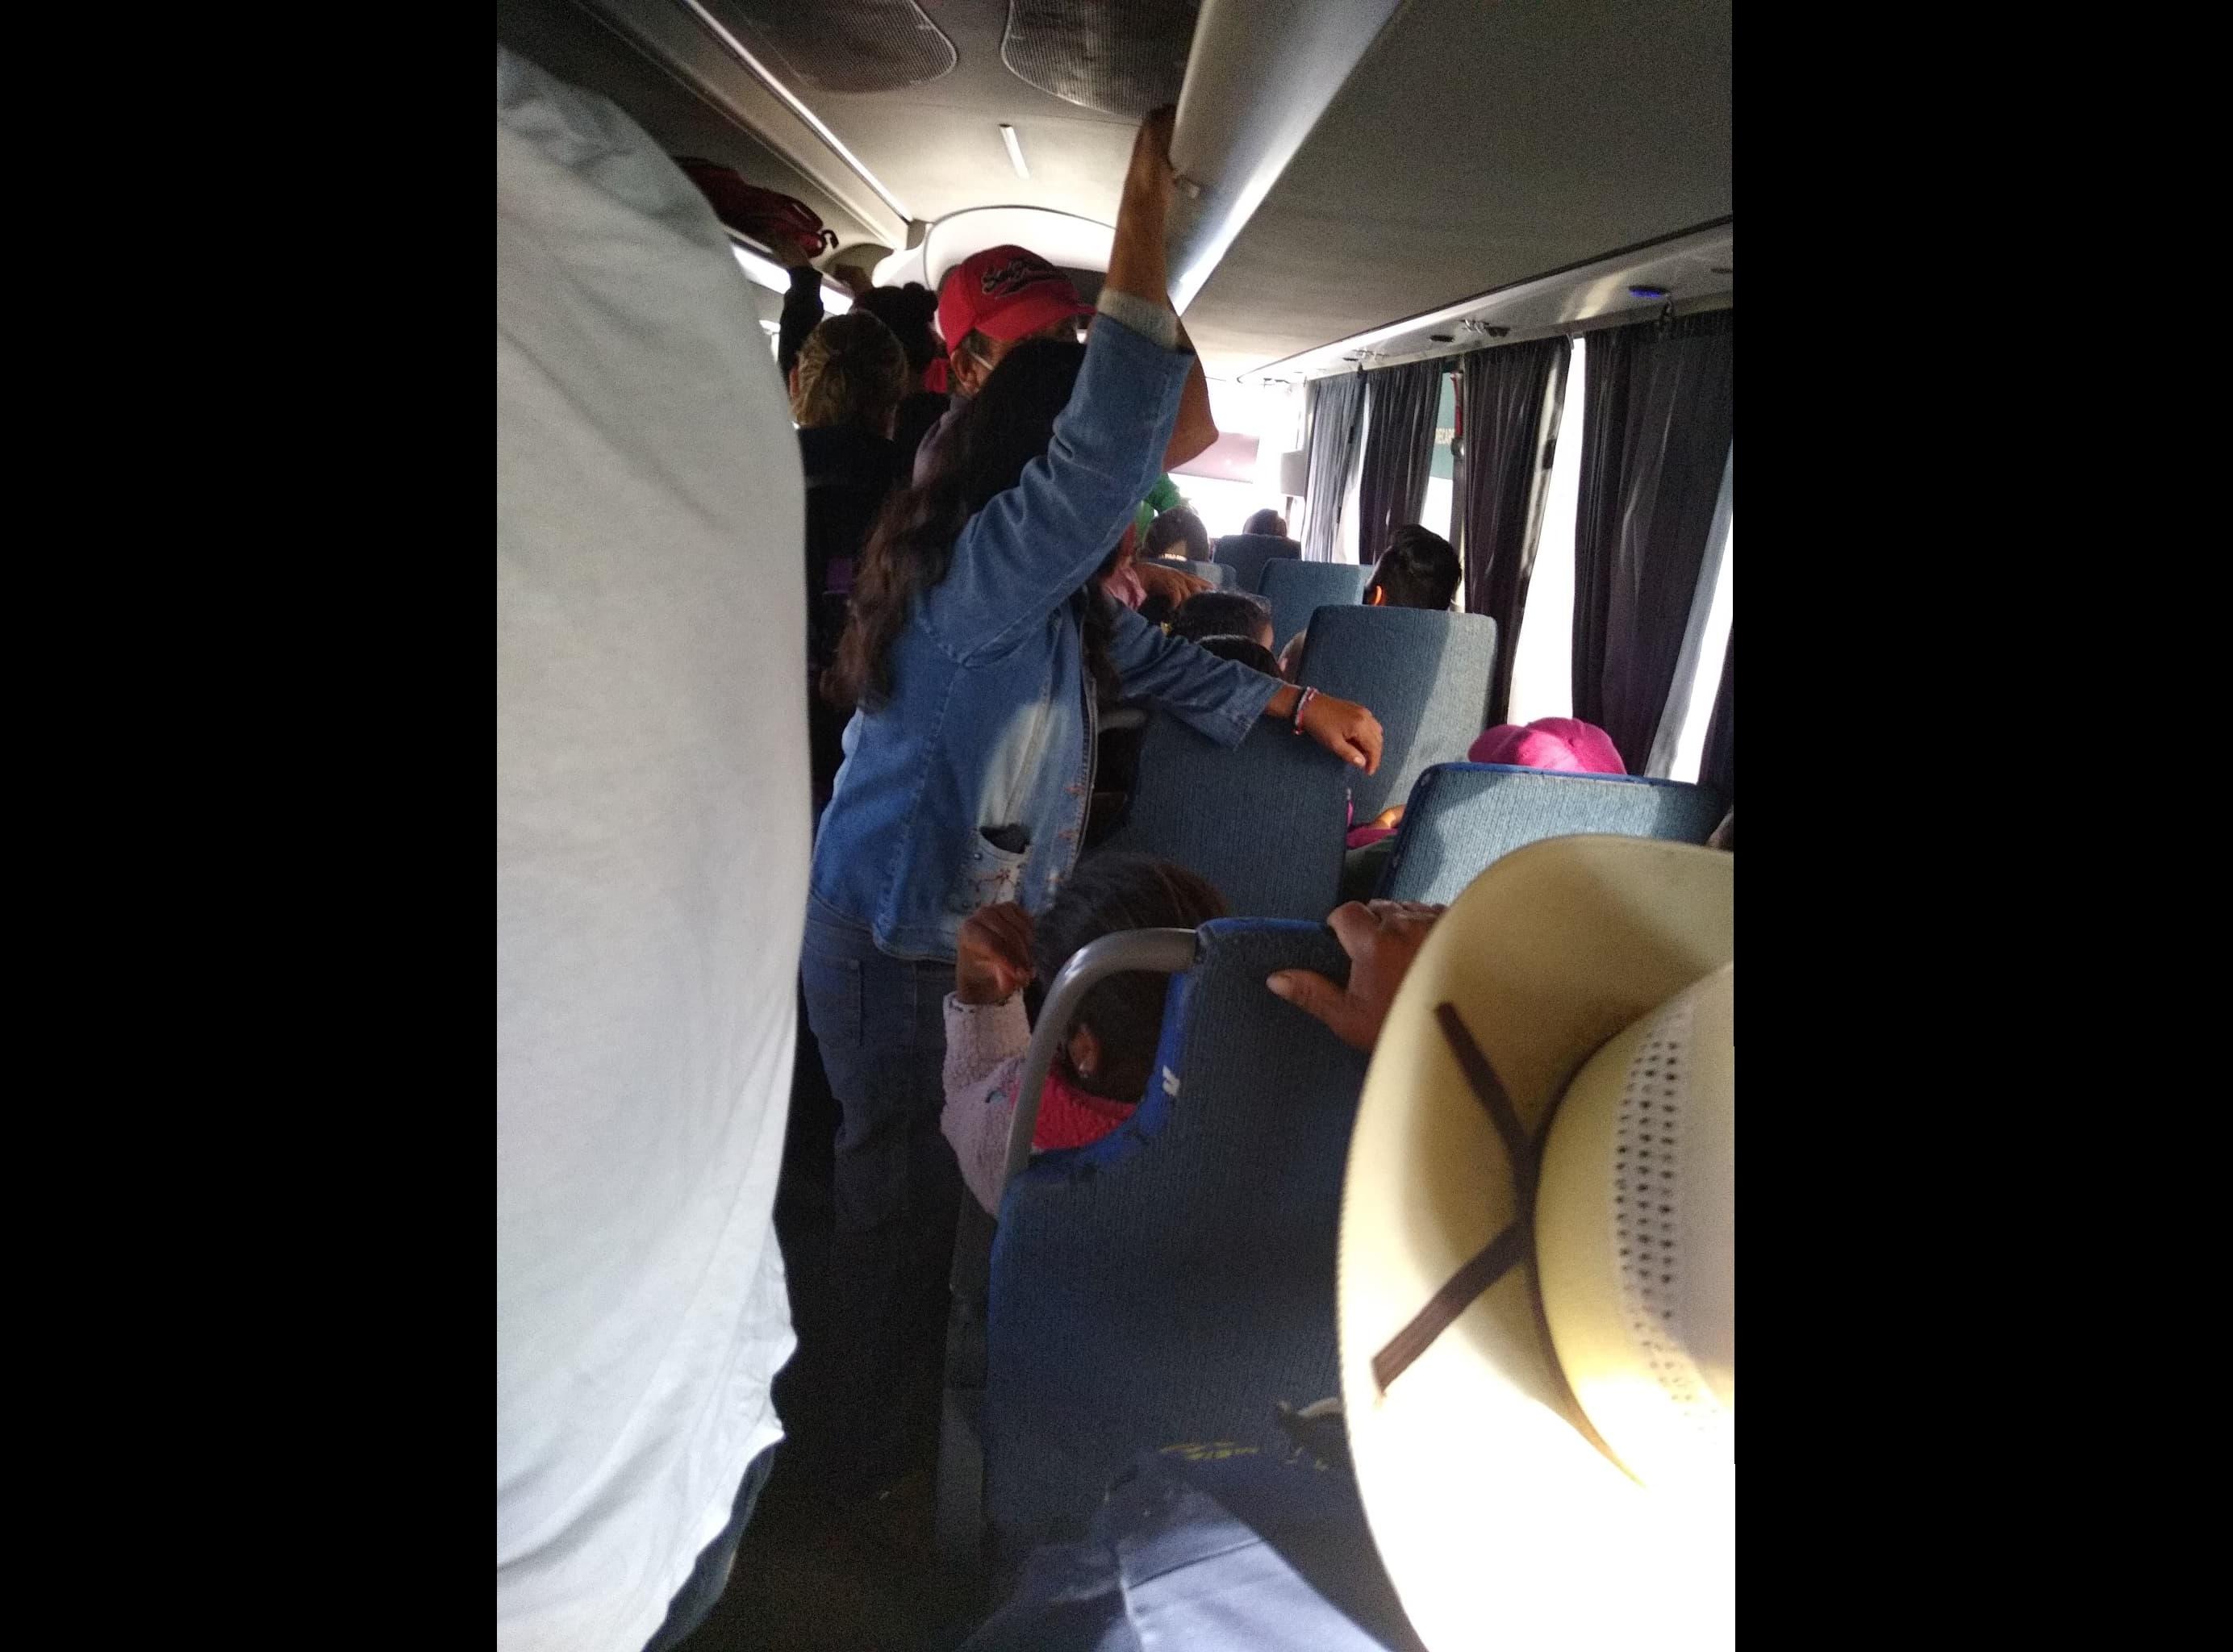 Autobuses ordinarios incumplen con medidas contra COVID-19